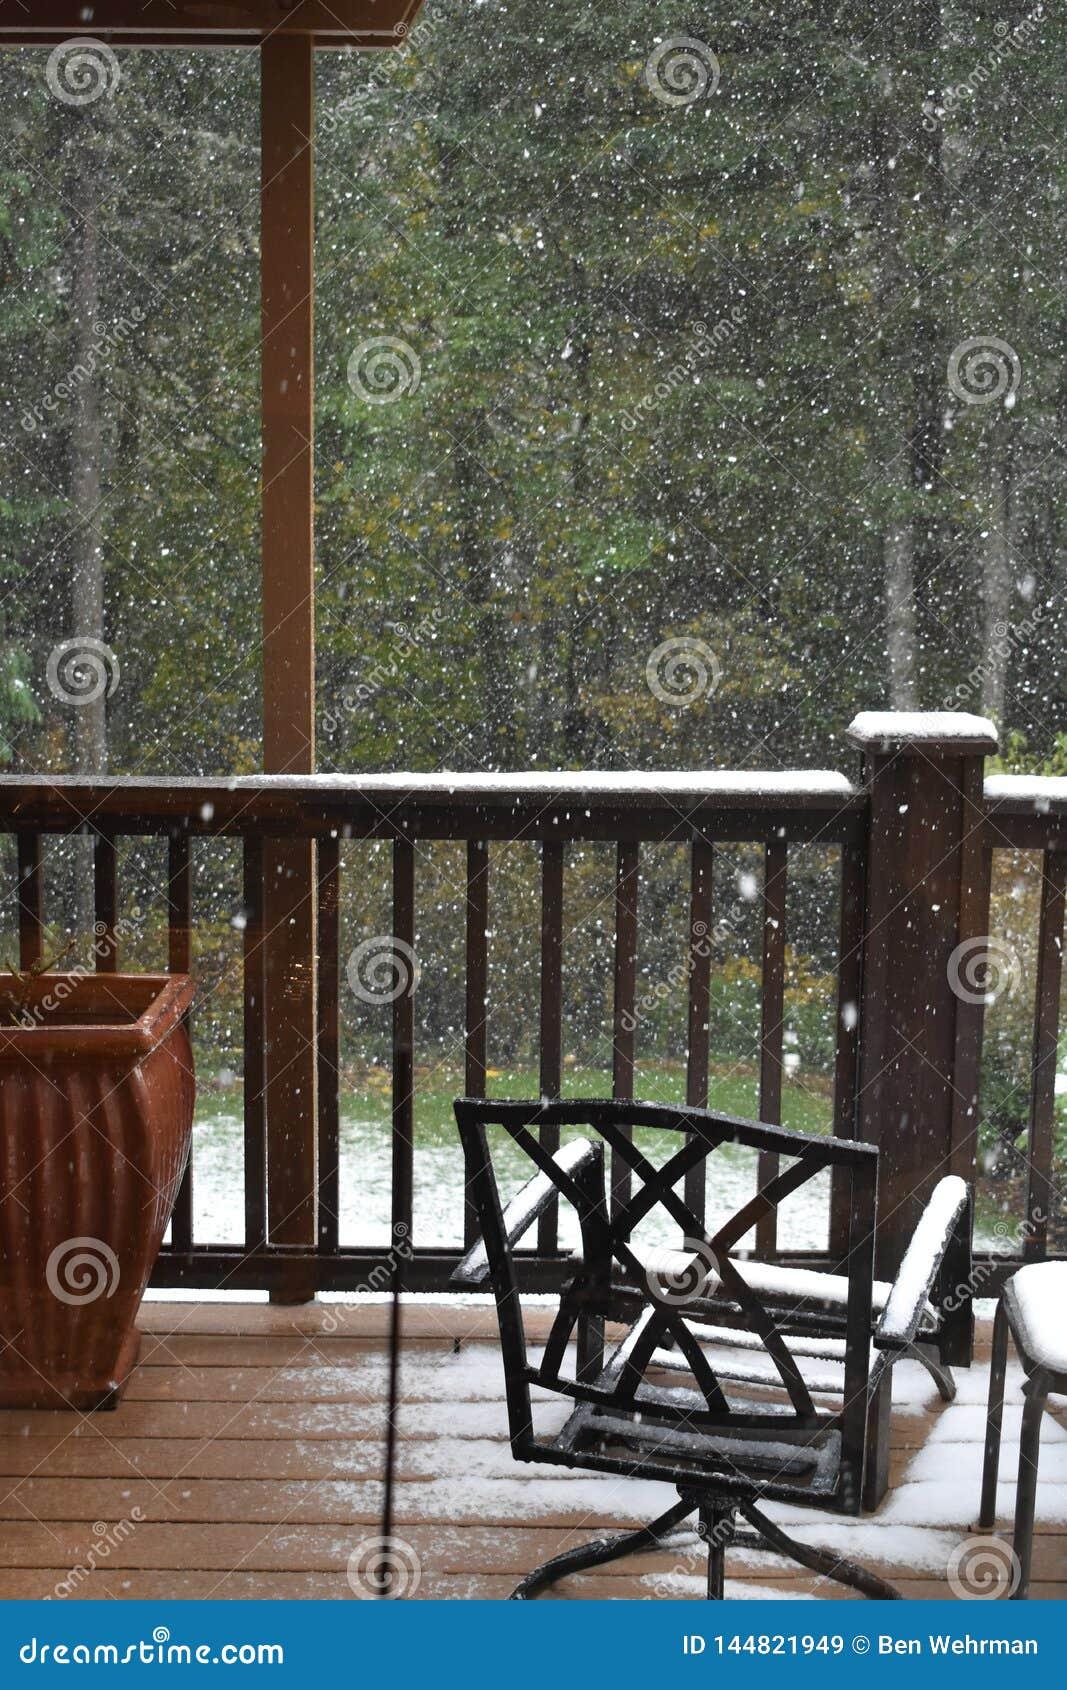 Snowfall on the Balcony